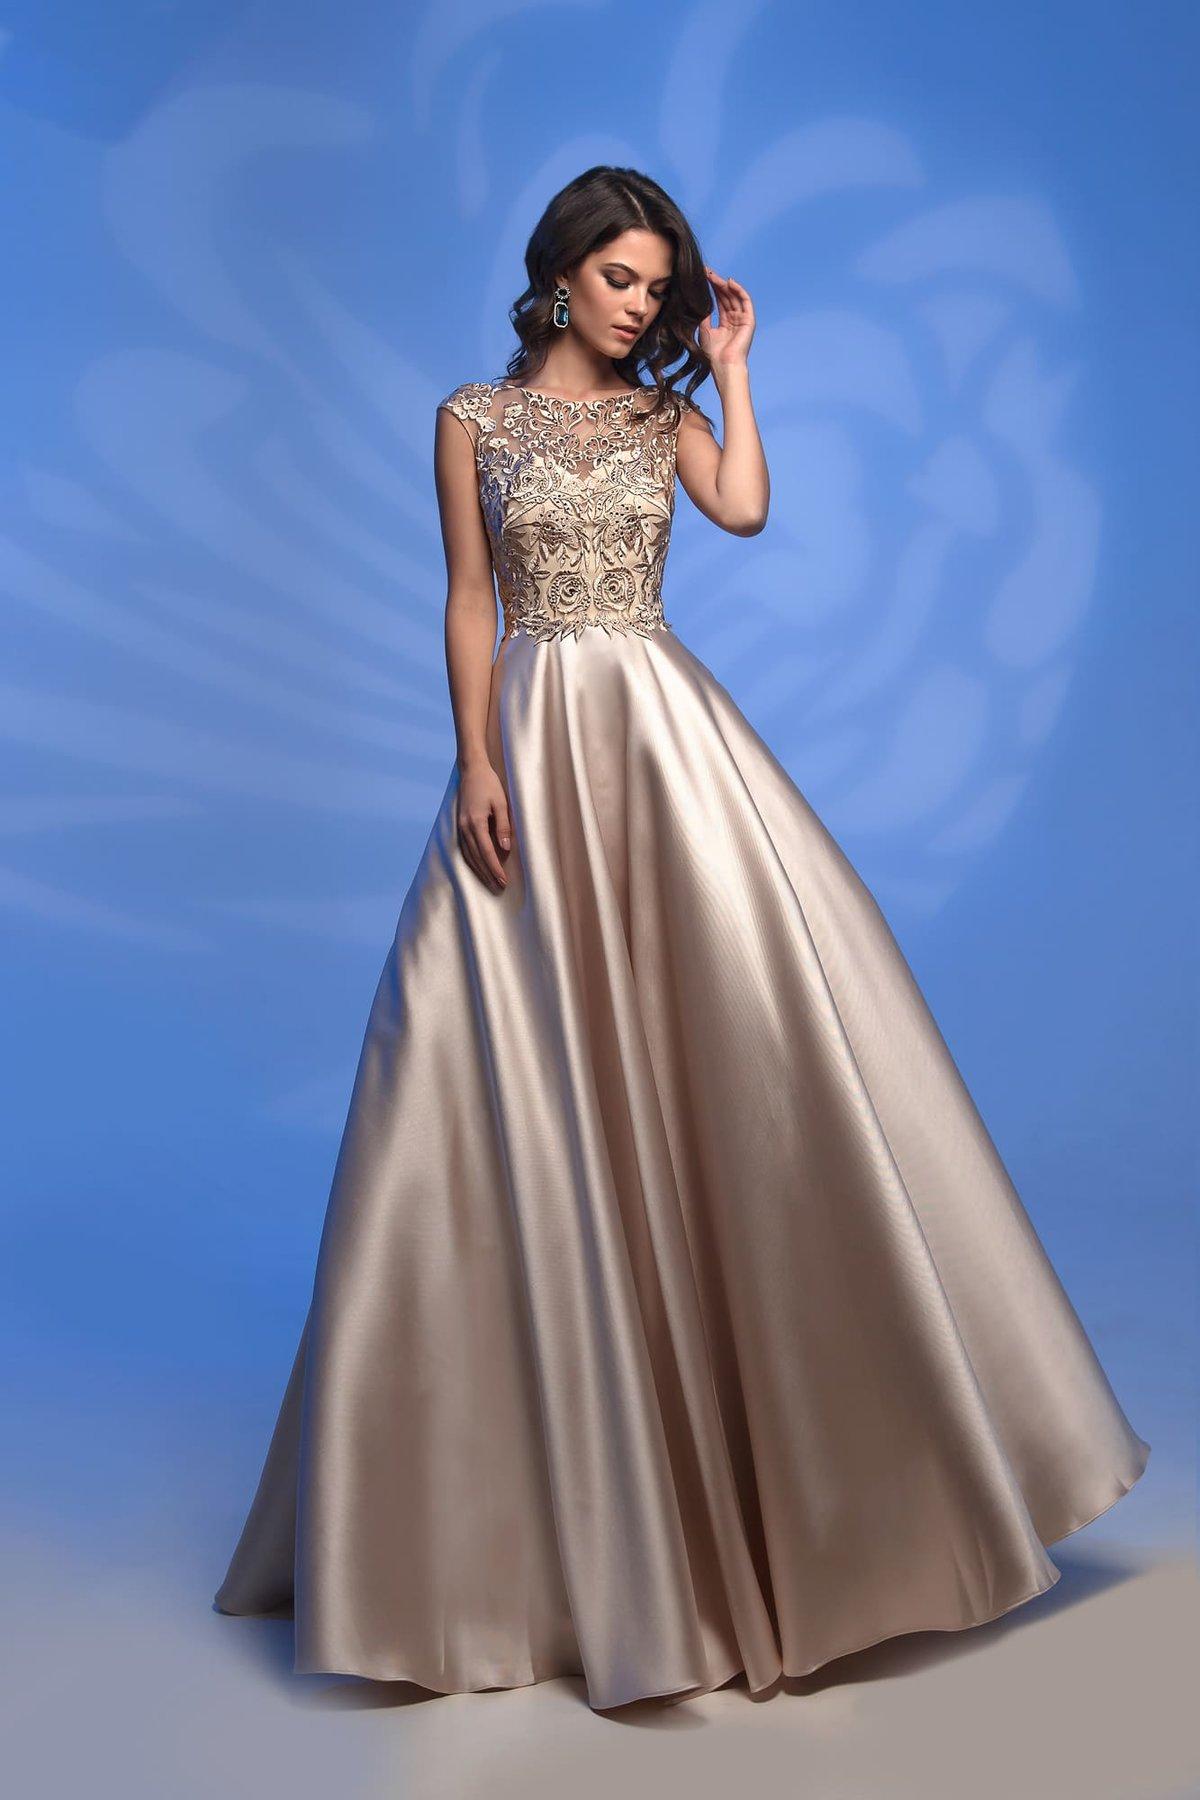 чаще встречаются вечерние платья из атласа и кружева фото собраны